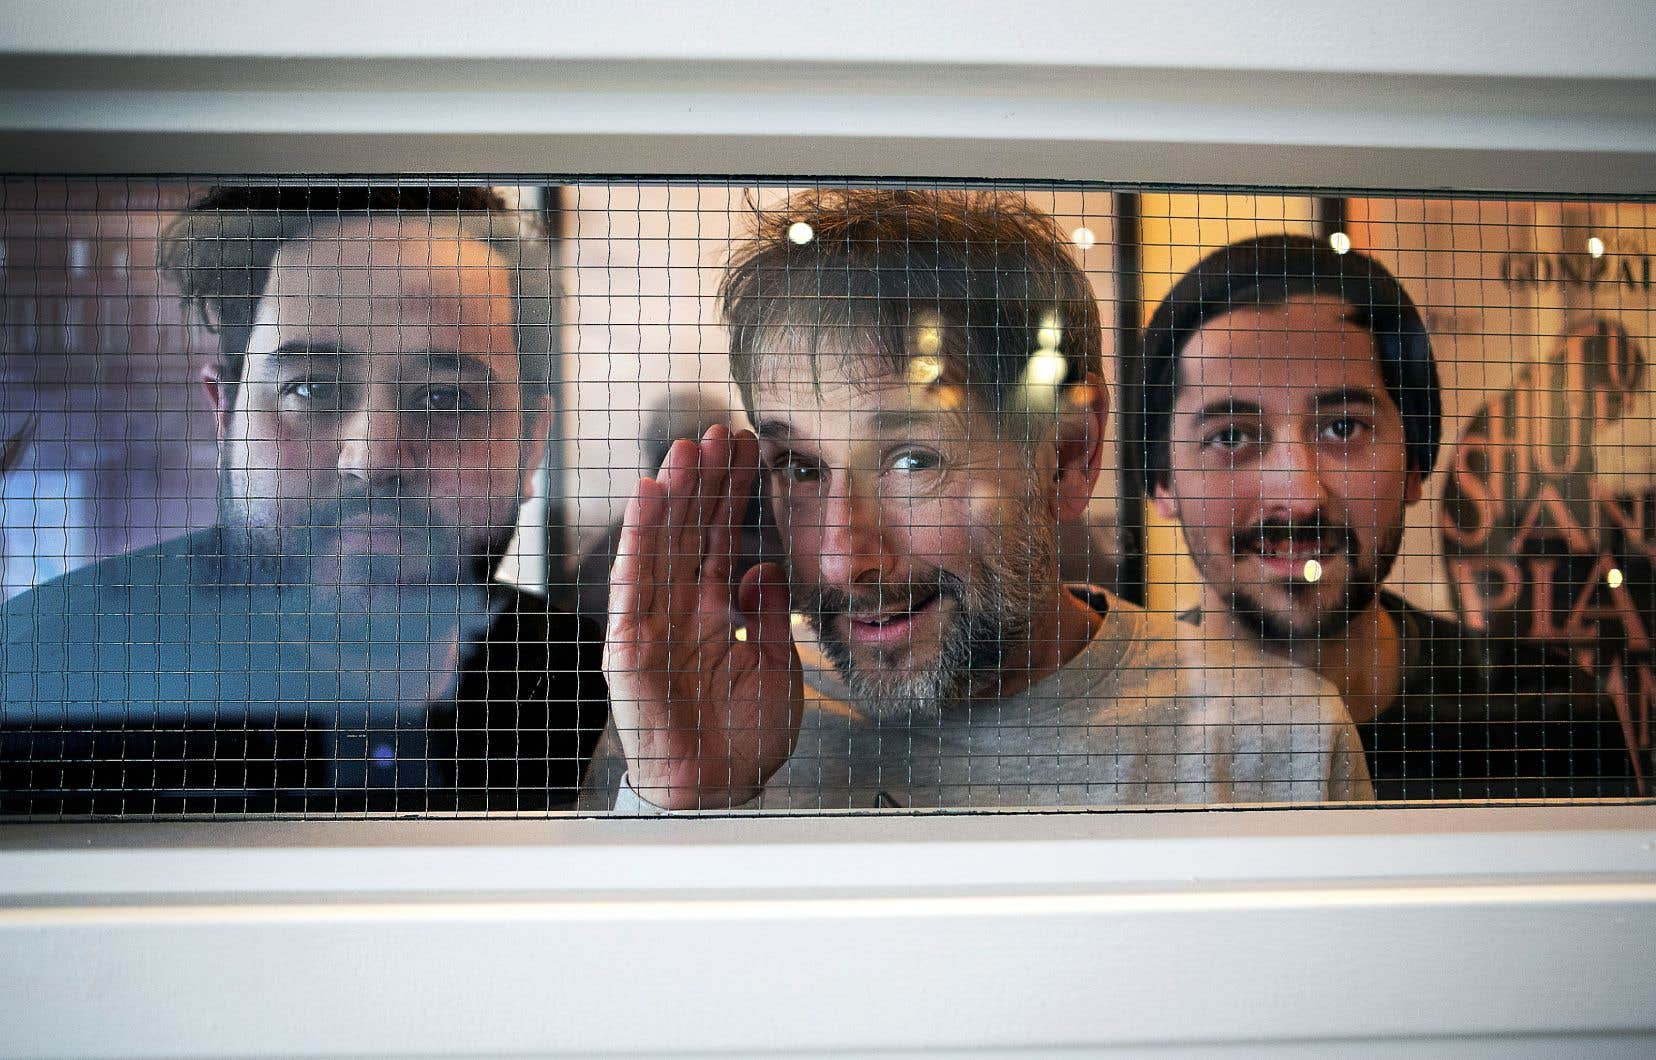 La série réalisée par Daniel Abraham (à gauche) et Pierre-Alexandre Girard (à droite) nous plonge dans le quotidien déglingué de Germain (Marc-André Coallier), un homme en décalage chronique avec son époque.